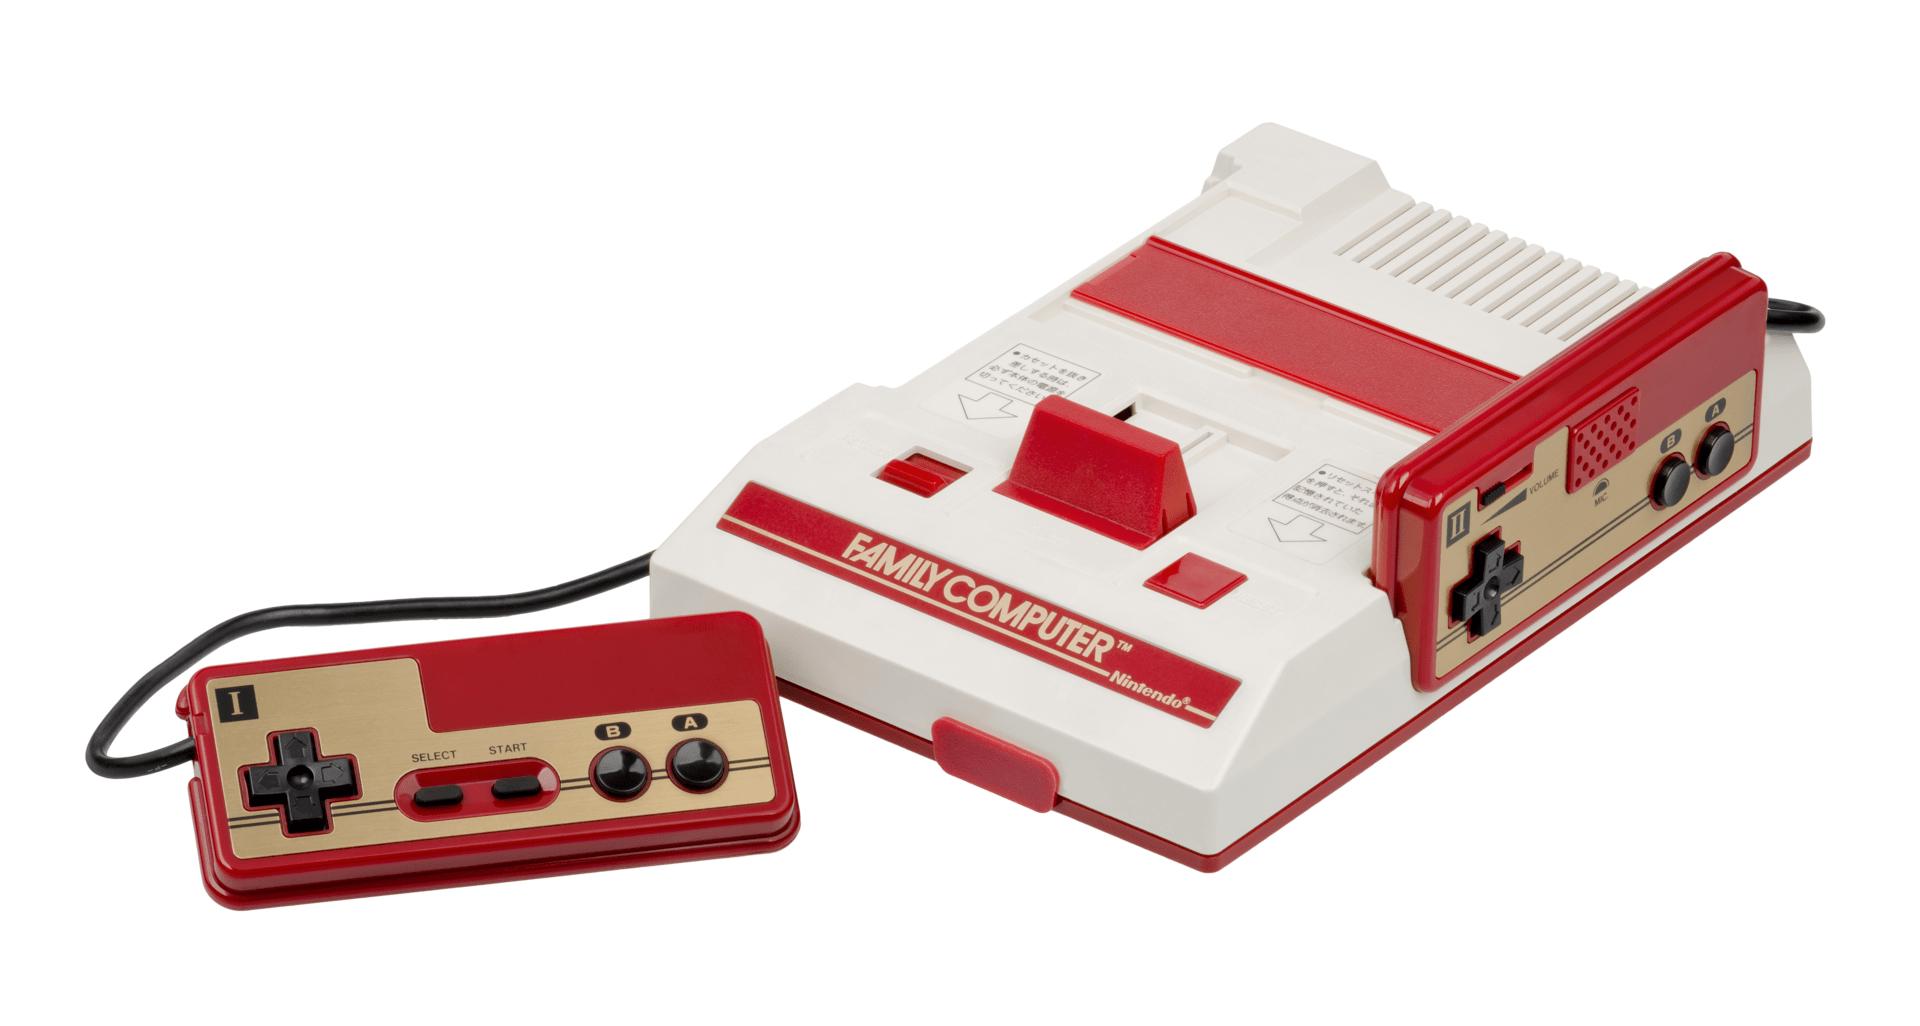 Der Nintendo Famicom ist die Ur-Form des NES